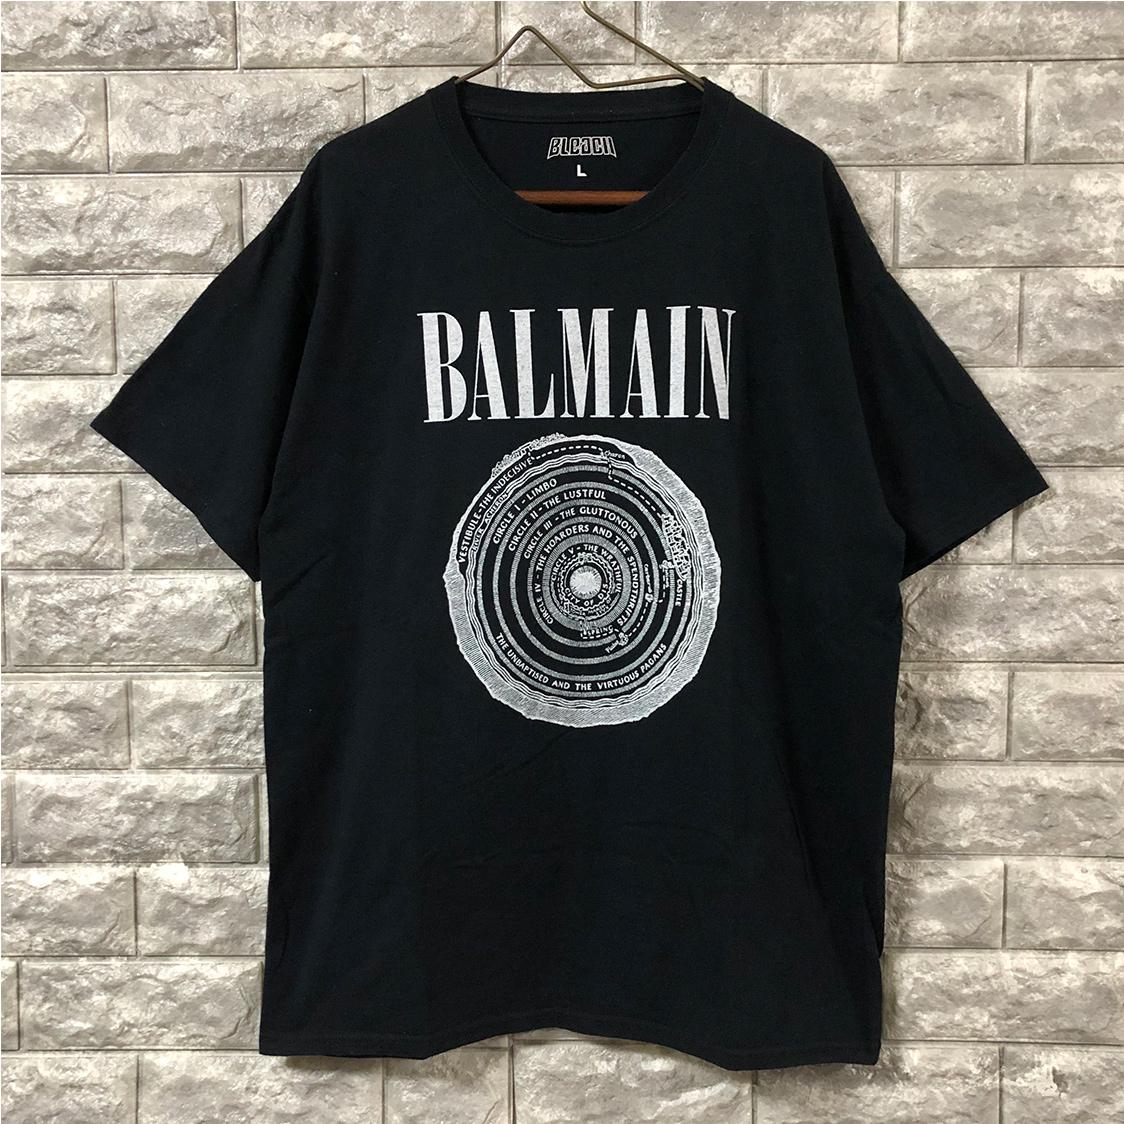 BLEACH ブリーチ 【Lサイズ】 パロディ Tシャツ バンドtee バックプリント ニルバーナ BALMAN